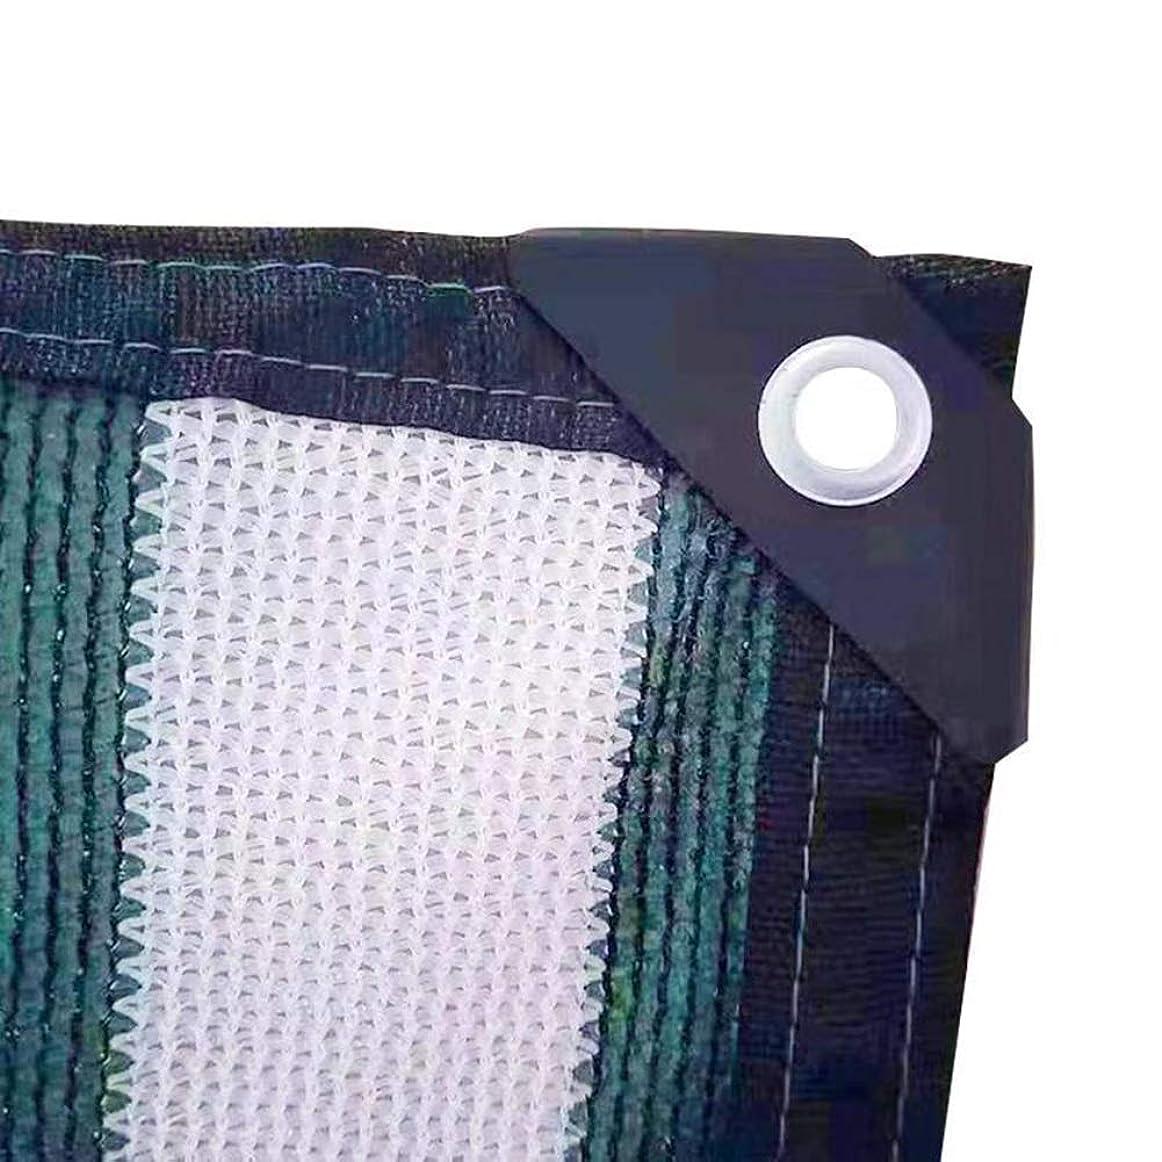 傾斜寺院ステレオタイプシェーディングネット 日焼け止めシェード布、グロメット付きシェードファブリック80%UV保護テープ付きエッジ - ホワイト+グリーン (Size : 6X6M)